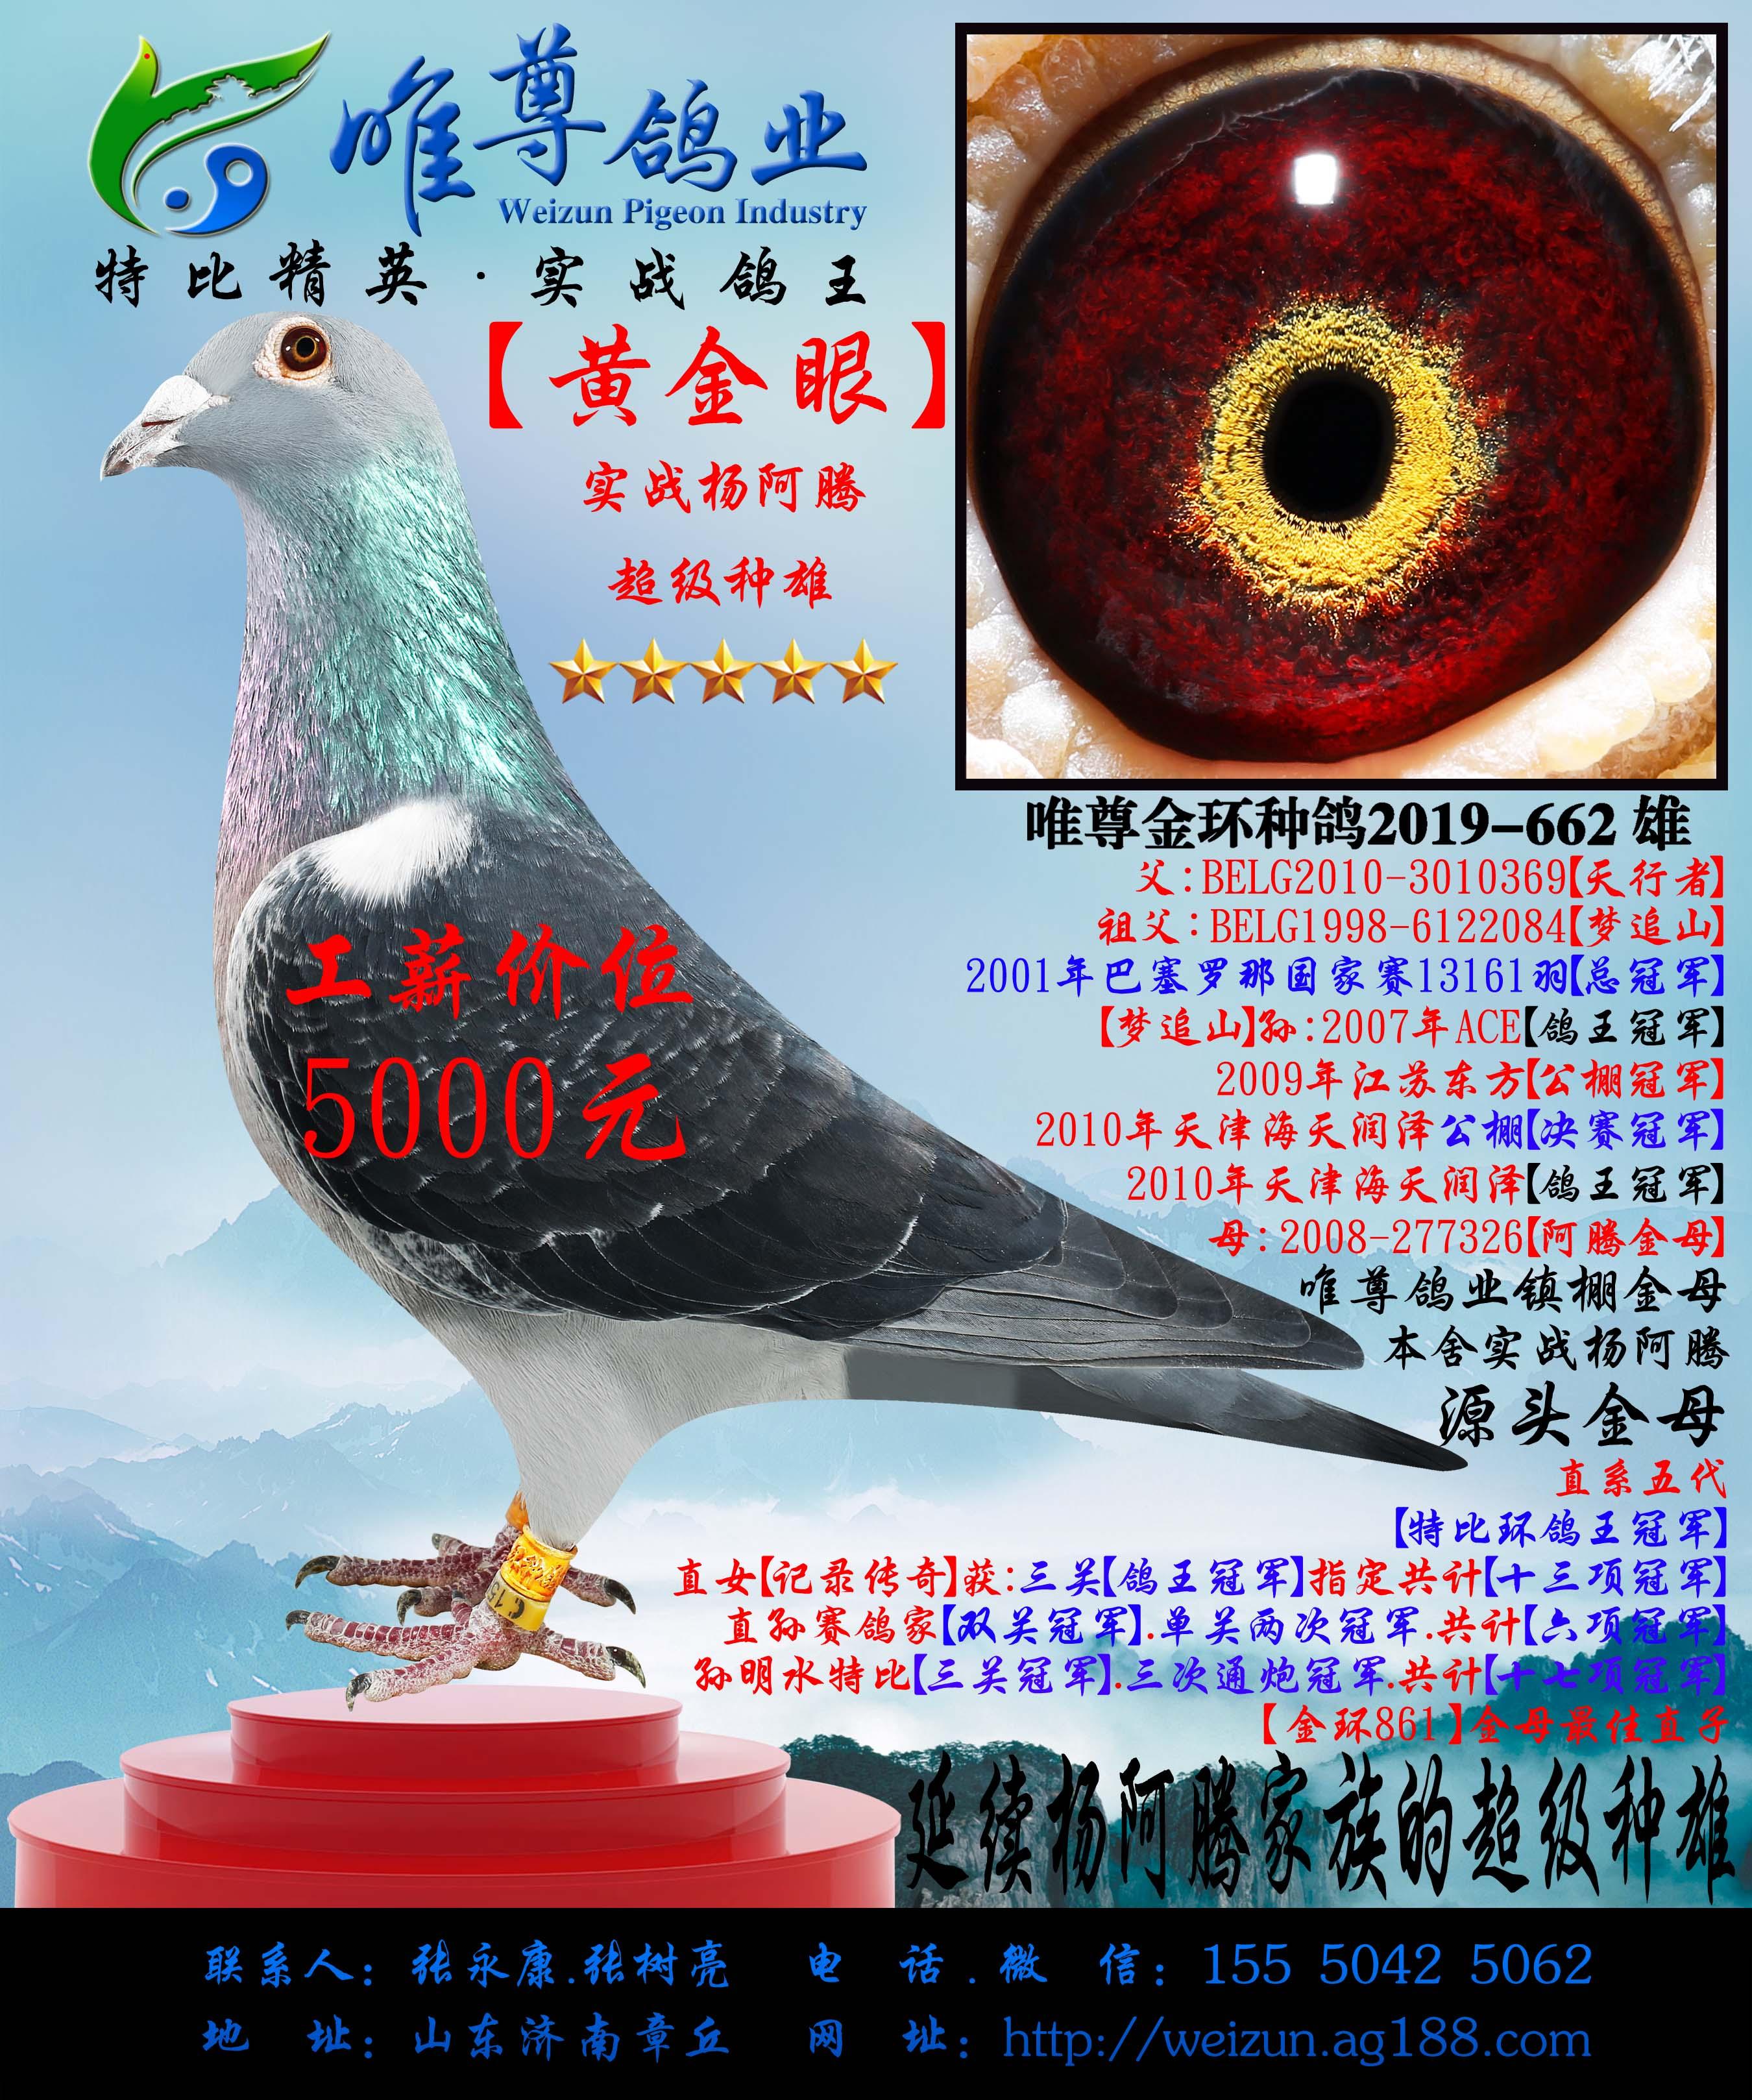 【黄金眼】杨阿腾实战系列